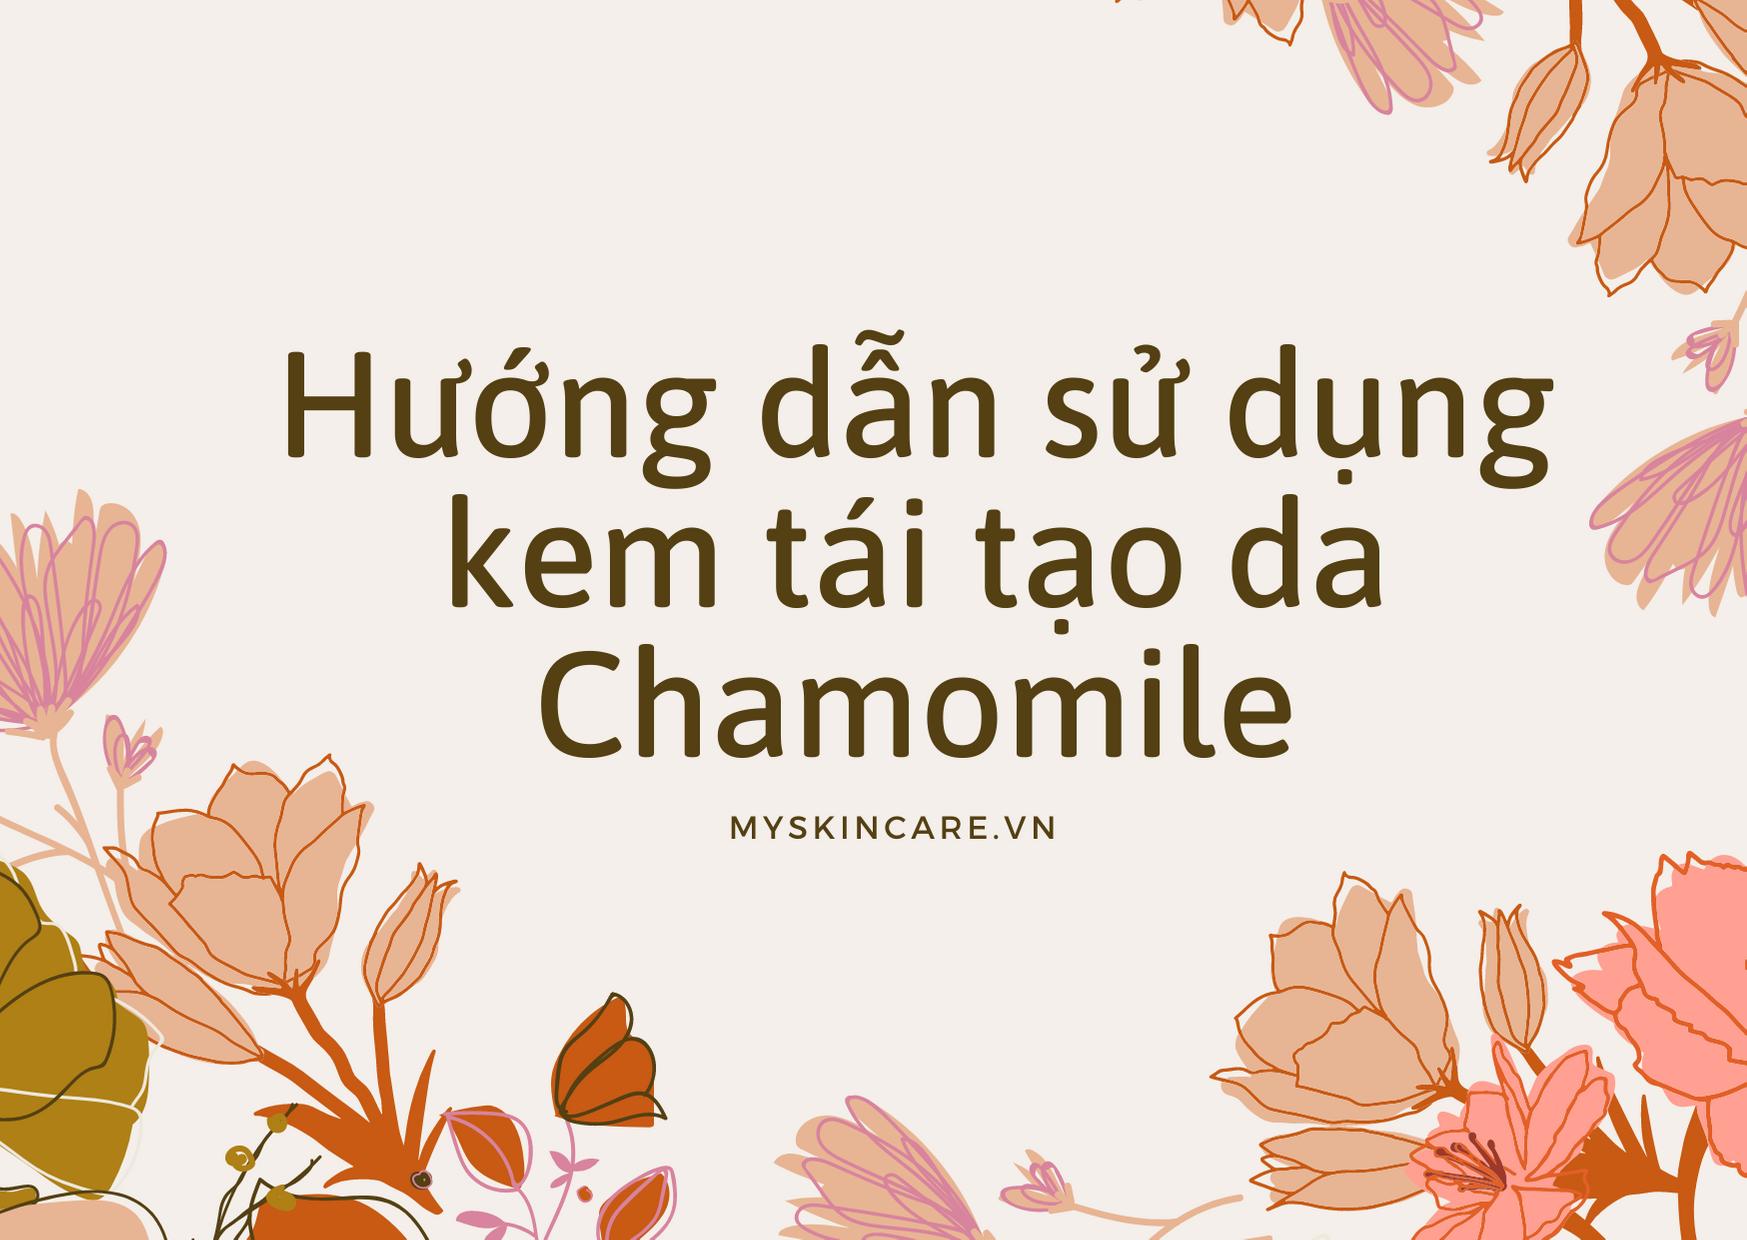 Kem tái tạo da chamomileskill là sản phẩm được khách hàng tin dùng nhất trong dòng mỹ phẩm dưỡng da